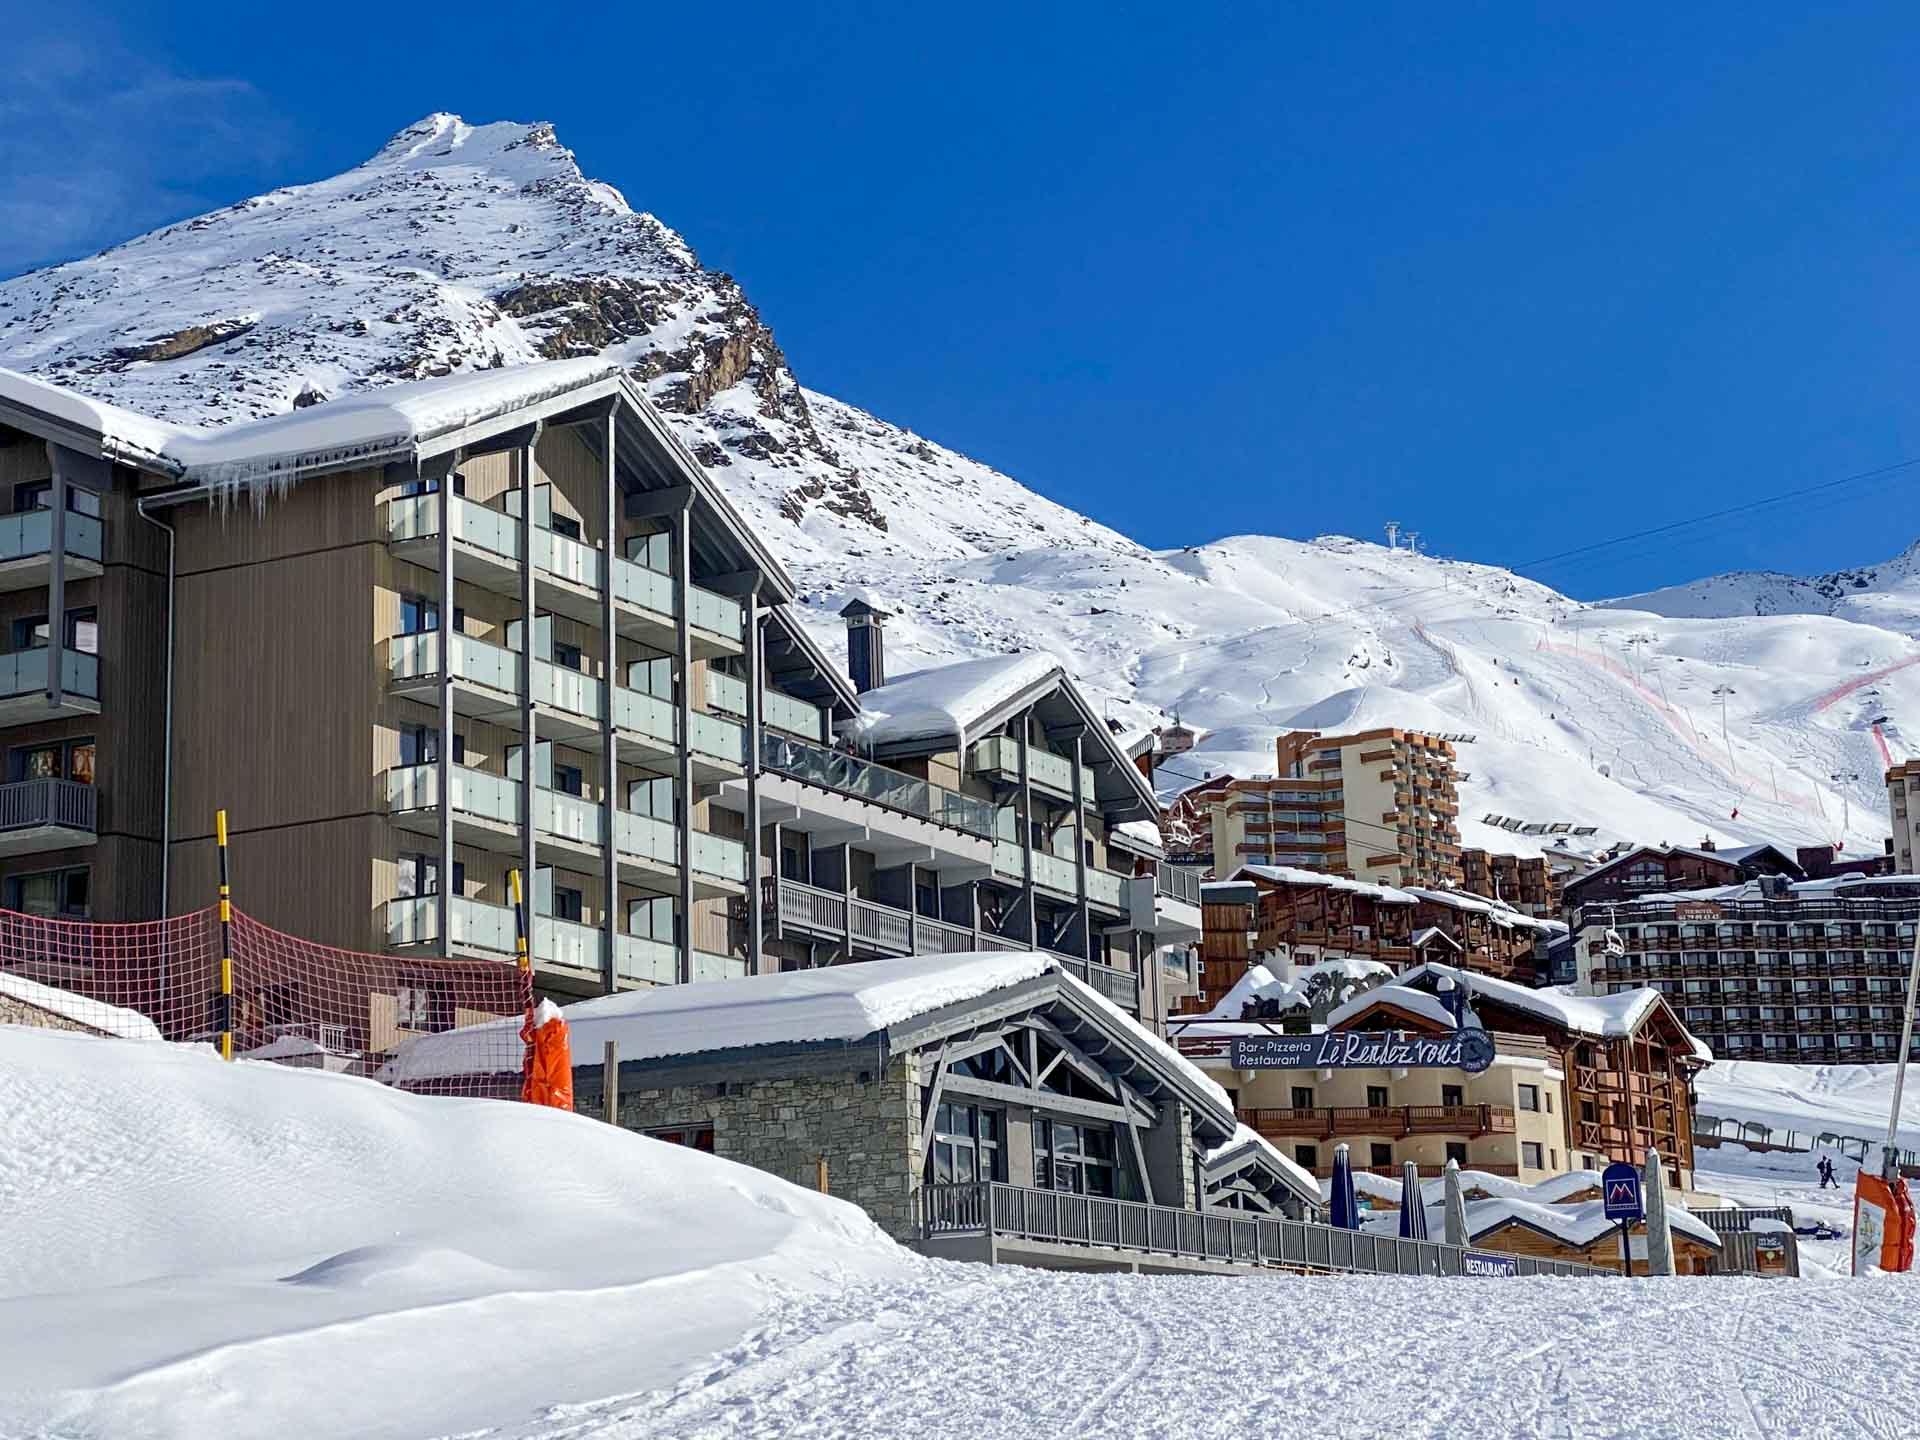 Nouvel hôtel 4-étoiles à Val Thorens, l'Hôtel Marielle s'installe dans l'ancienne «Académie des Neiges» de la championne de ski Marielle Goitschel. Au programme de cet hôtel familial, une situation imbattable au pied des pistes, des lieux de vie dans l'air du temps et une déco soignée.